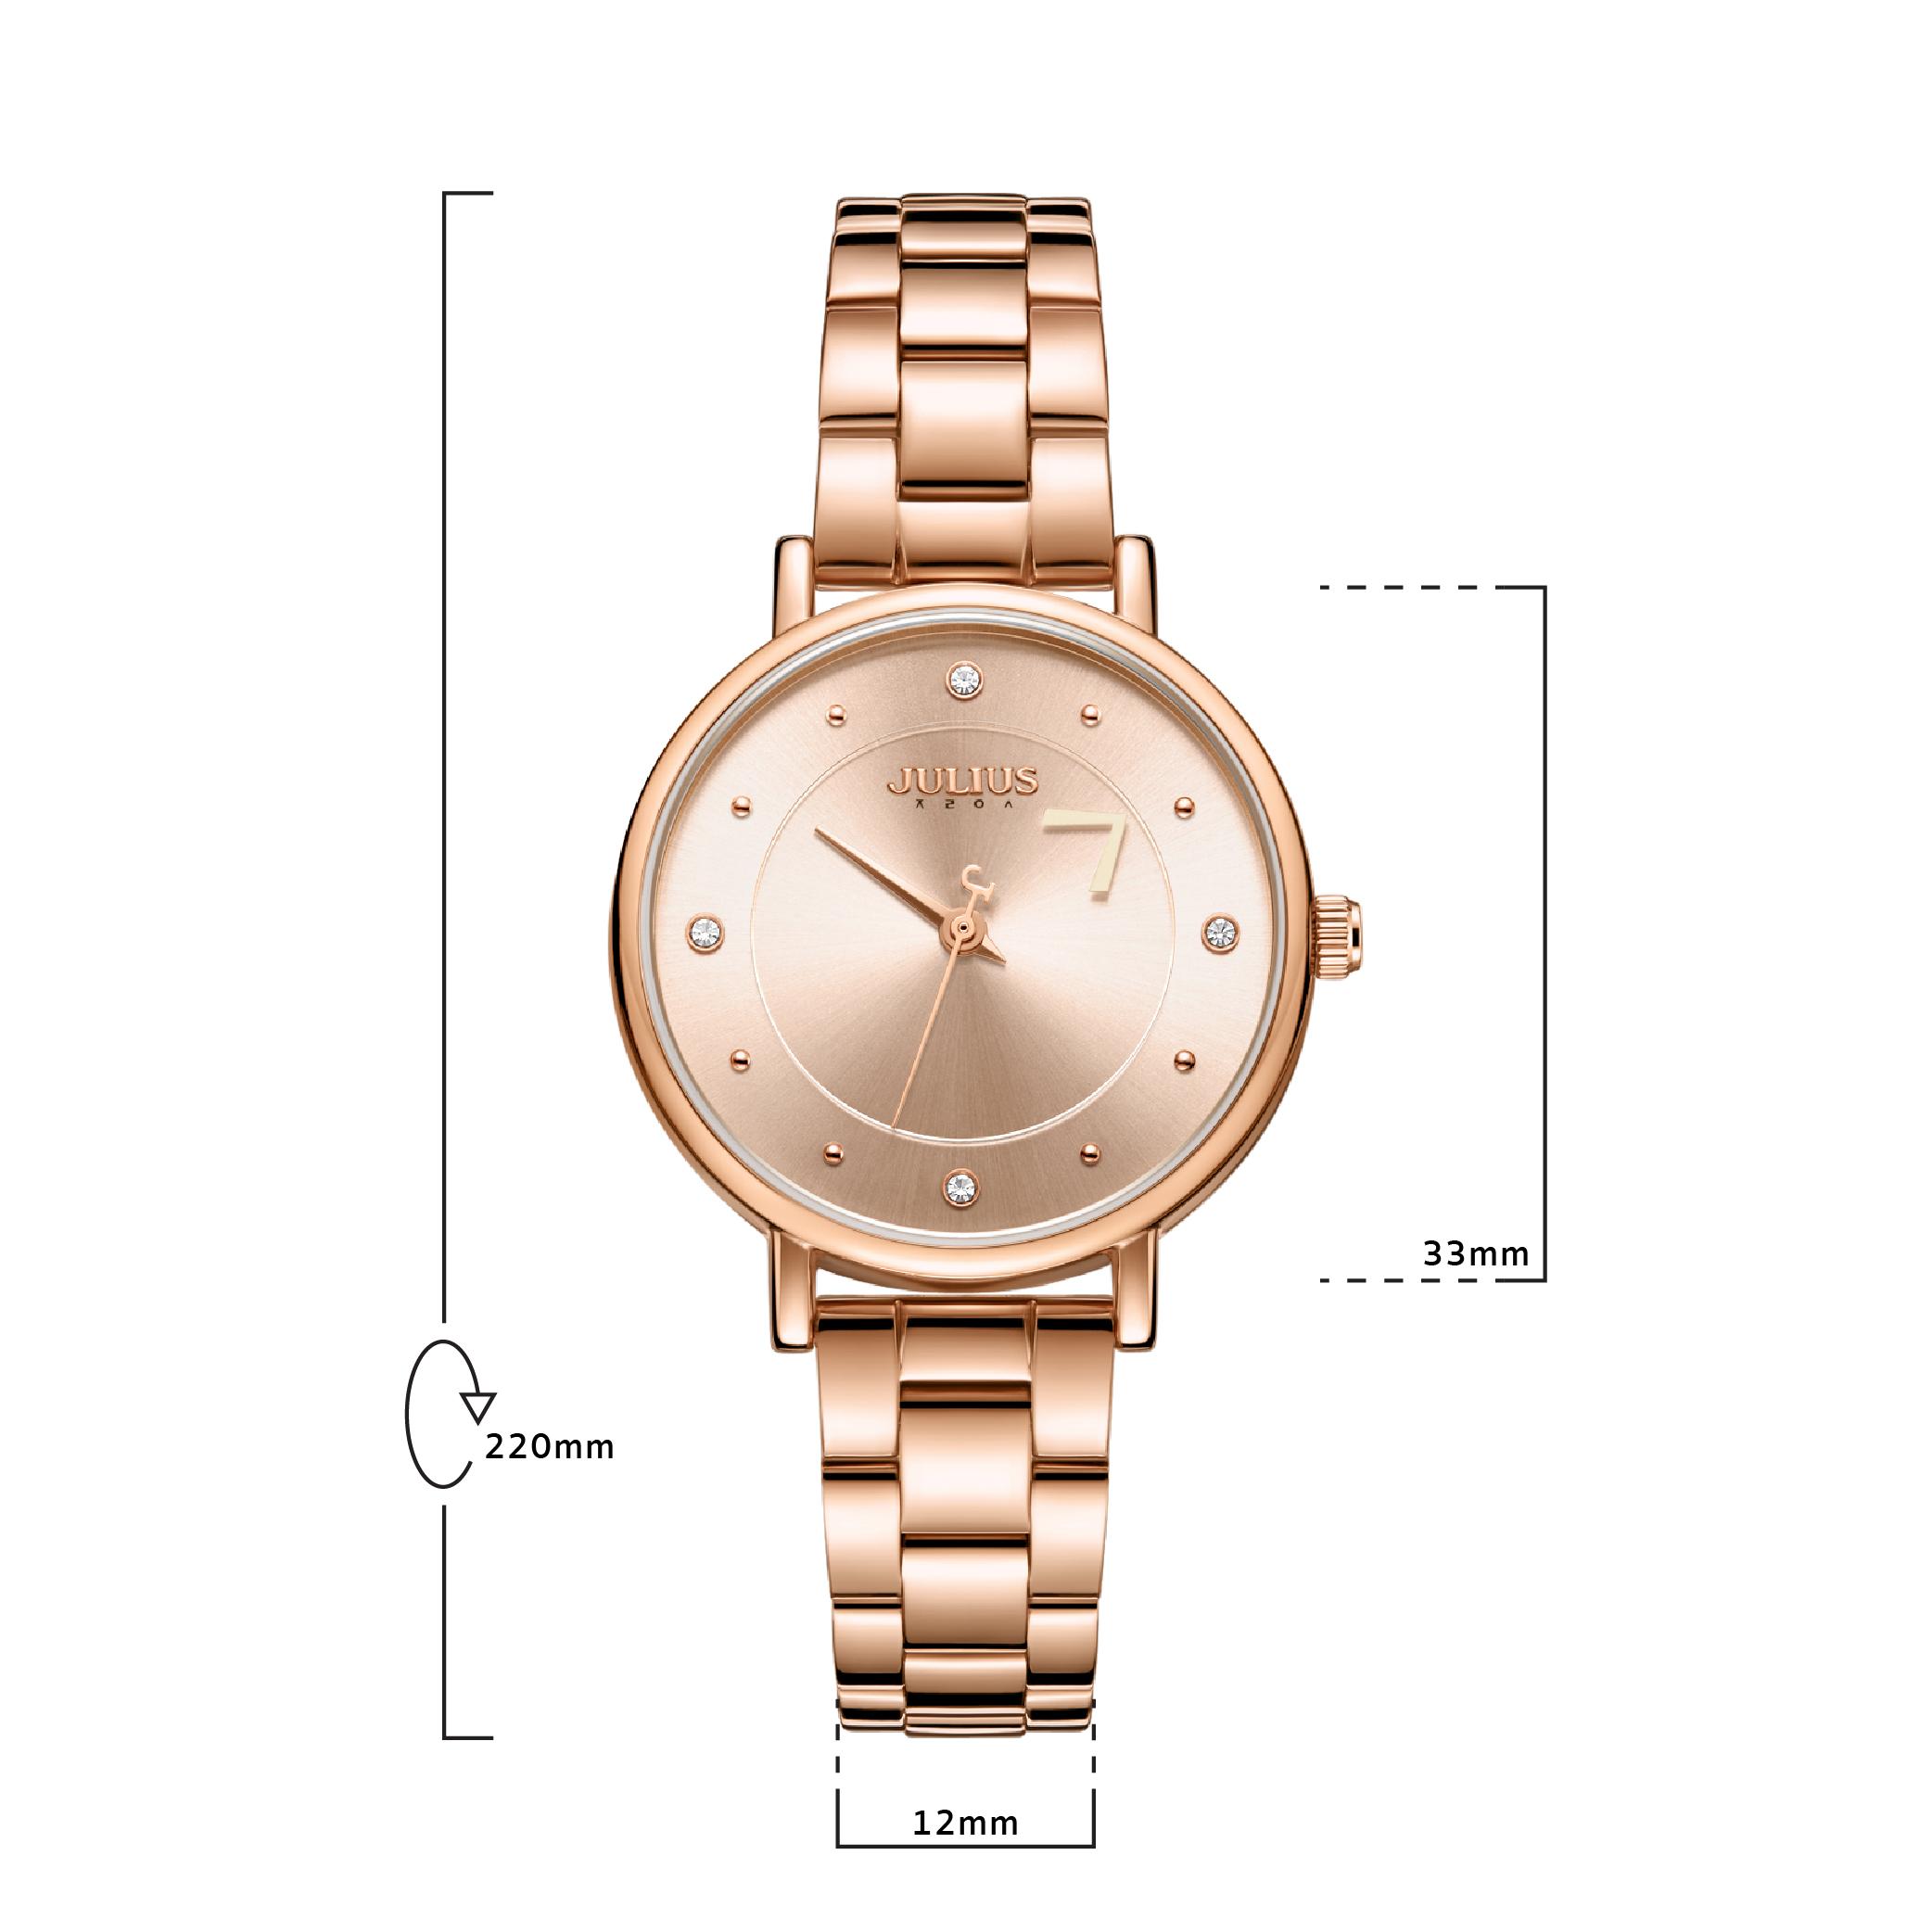 นาฬิกาข้อมือผู้หญิง JULIUS 1248B